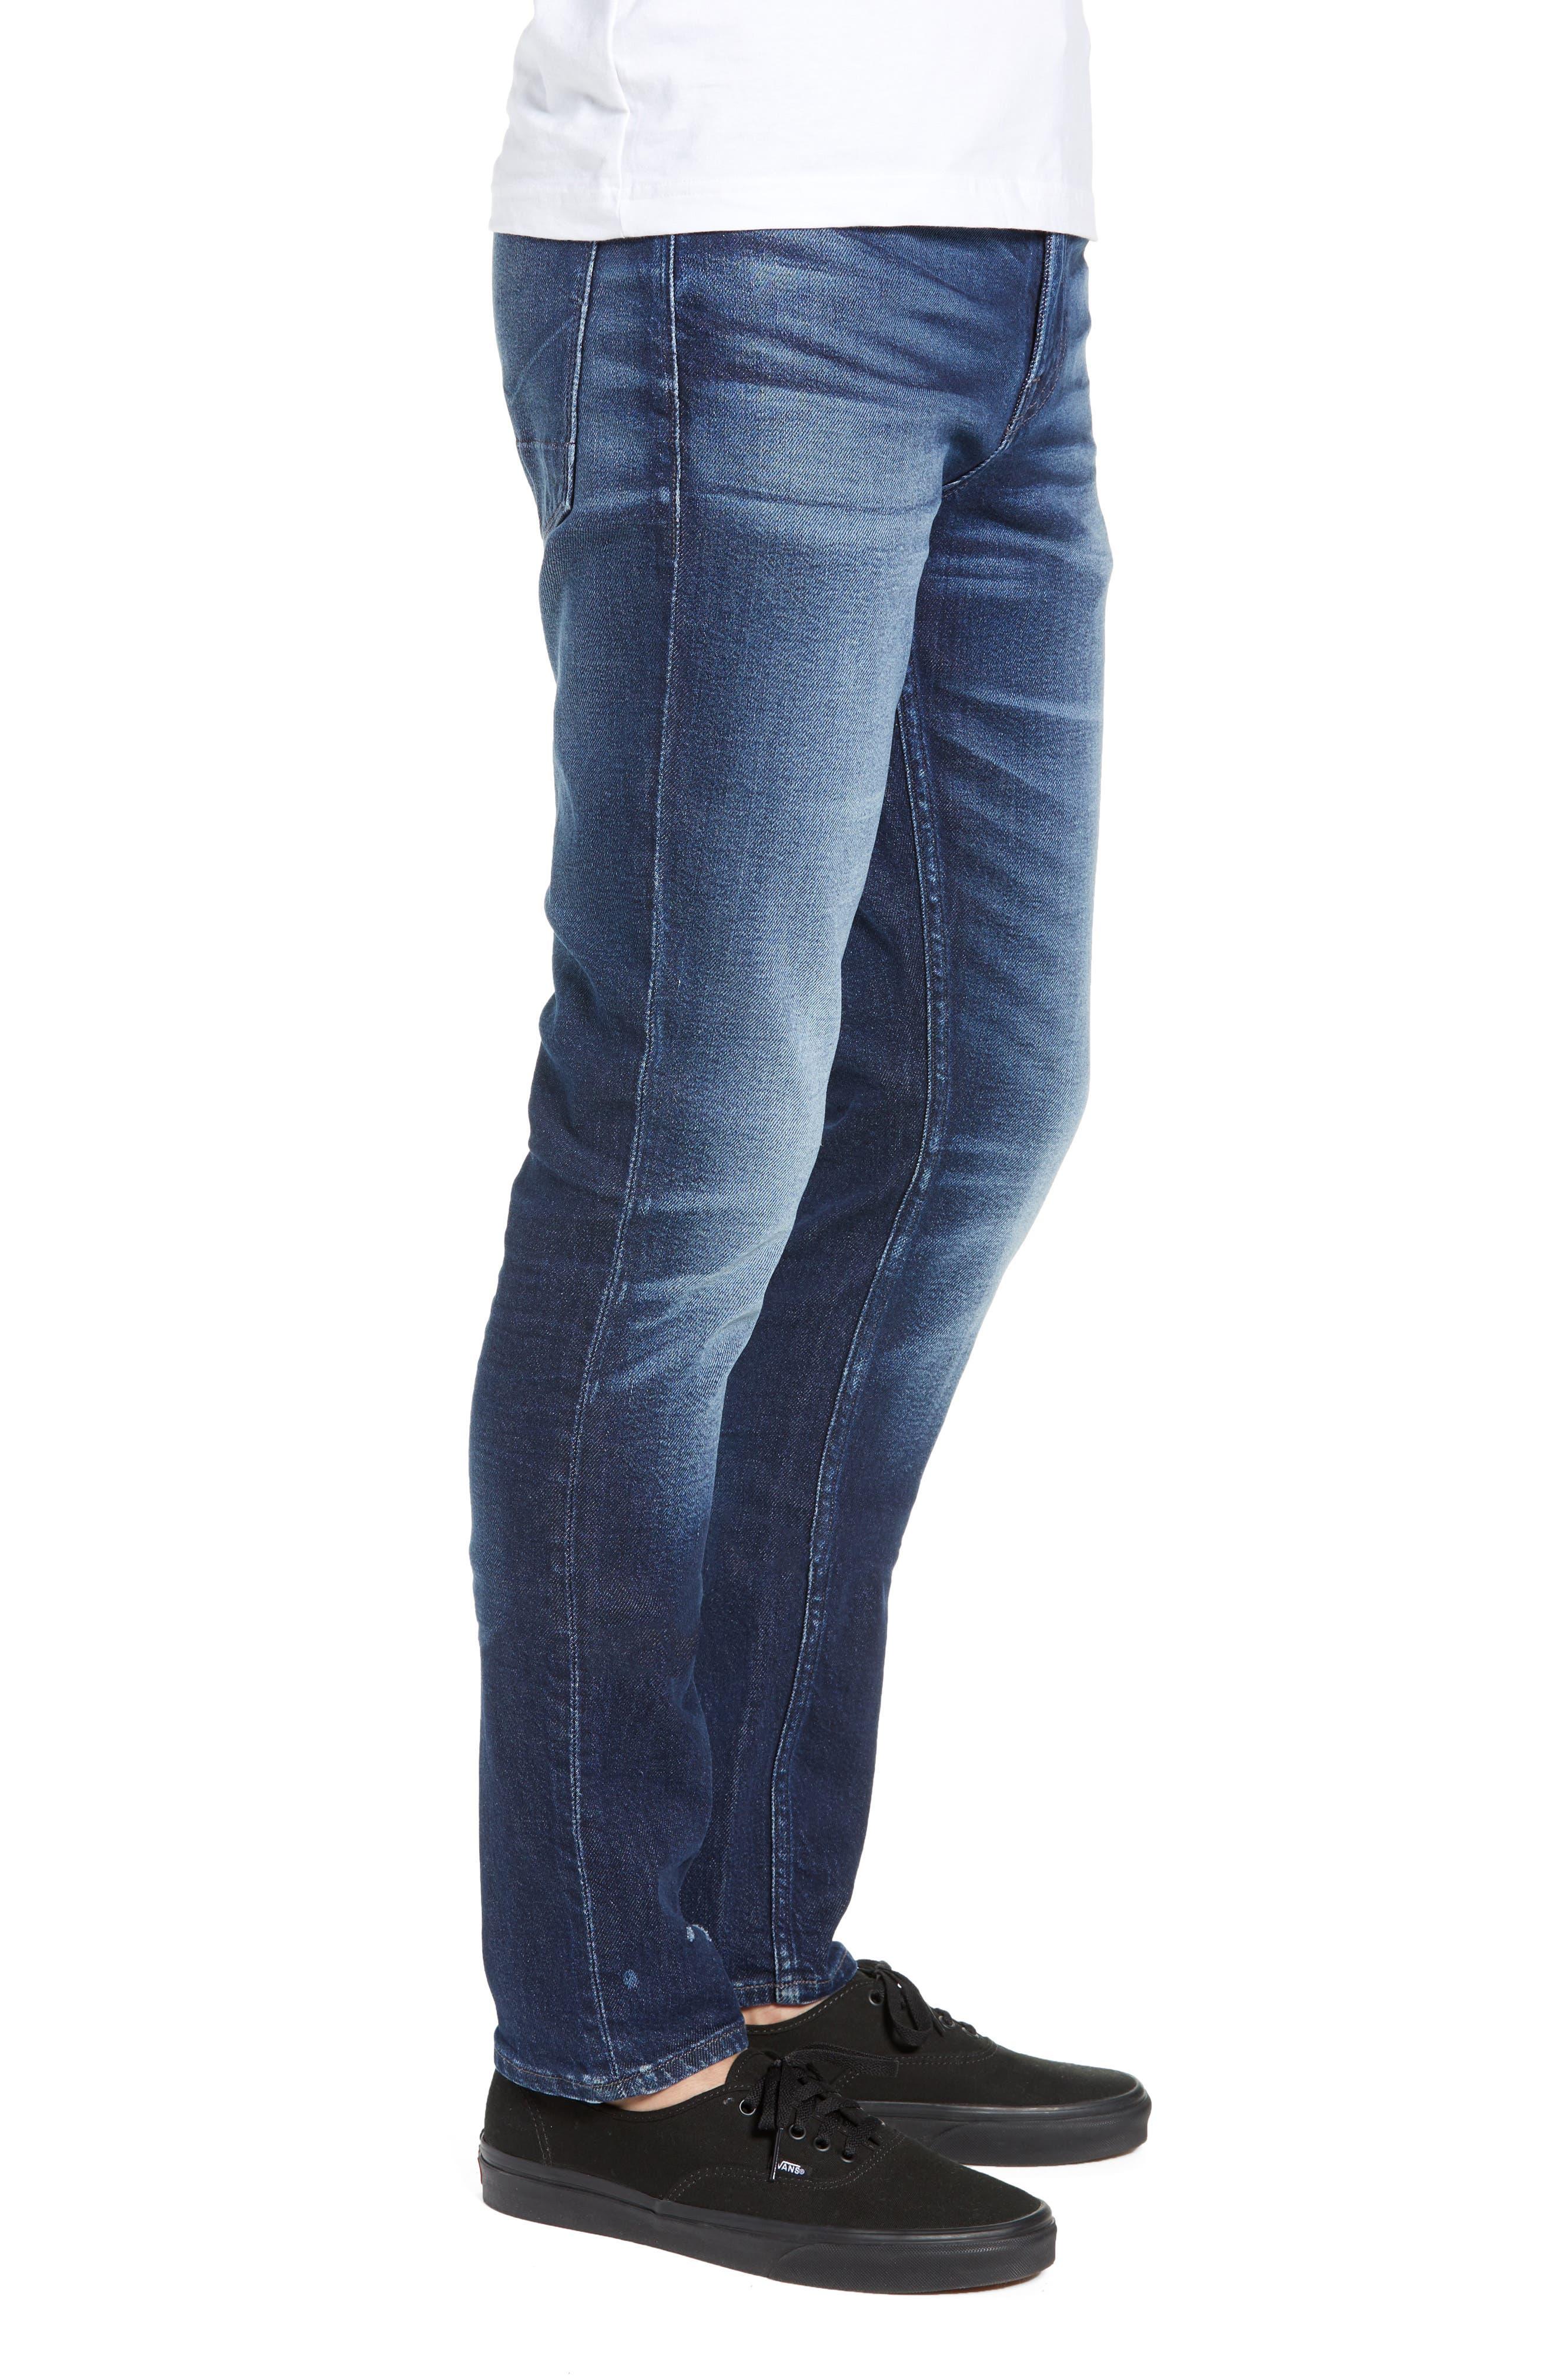 Axl Skinny Fit Jeans,                             Alternate thumbnail 3, color,                             BENNETT